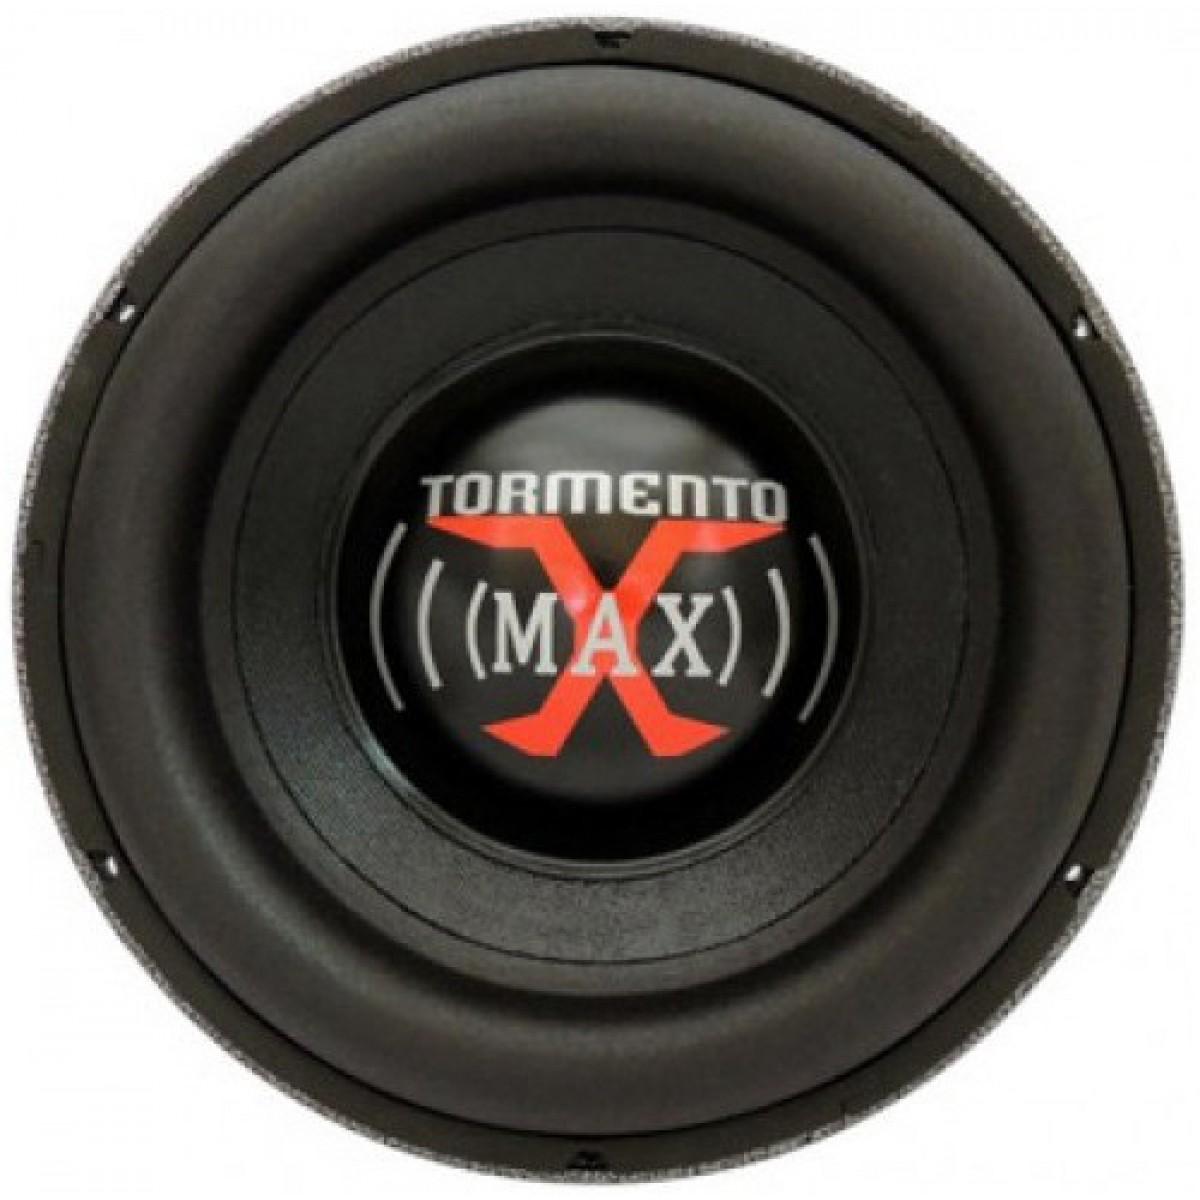 Alto Falante Subwoofer Tormento X Max 1000w rms 12 Polegadas